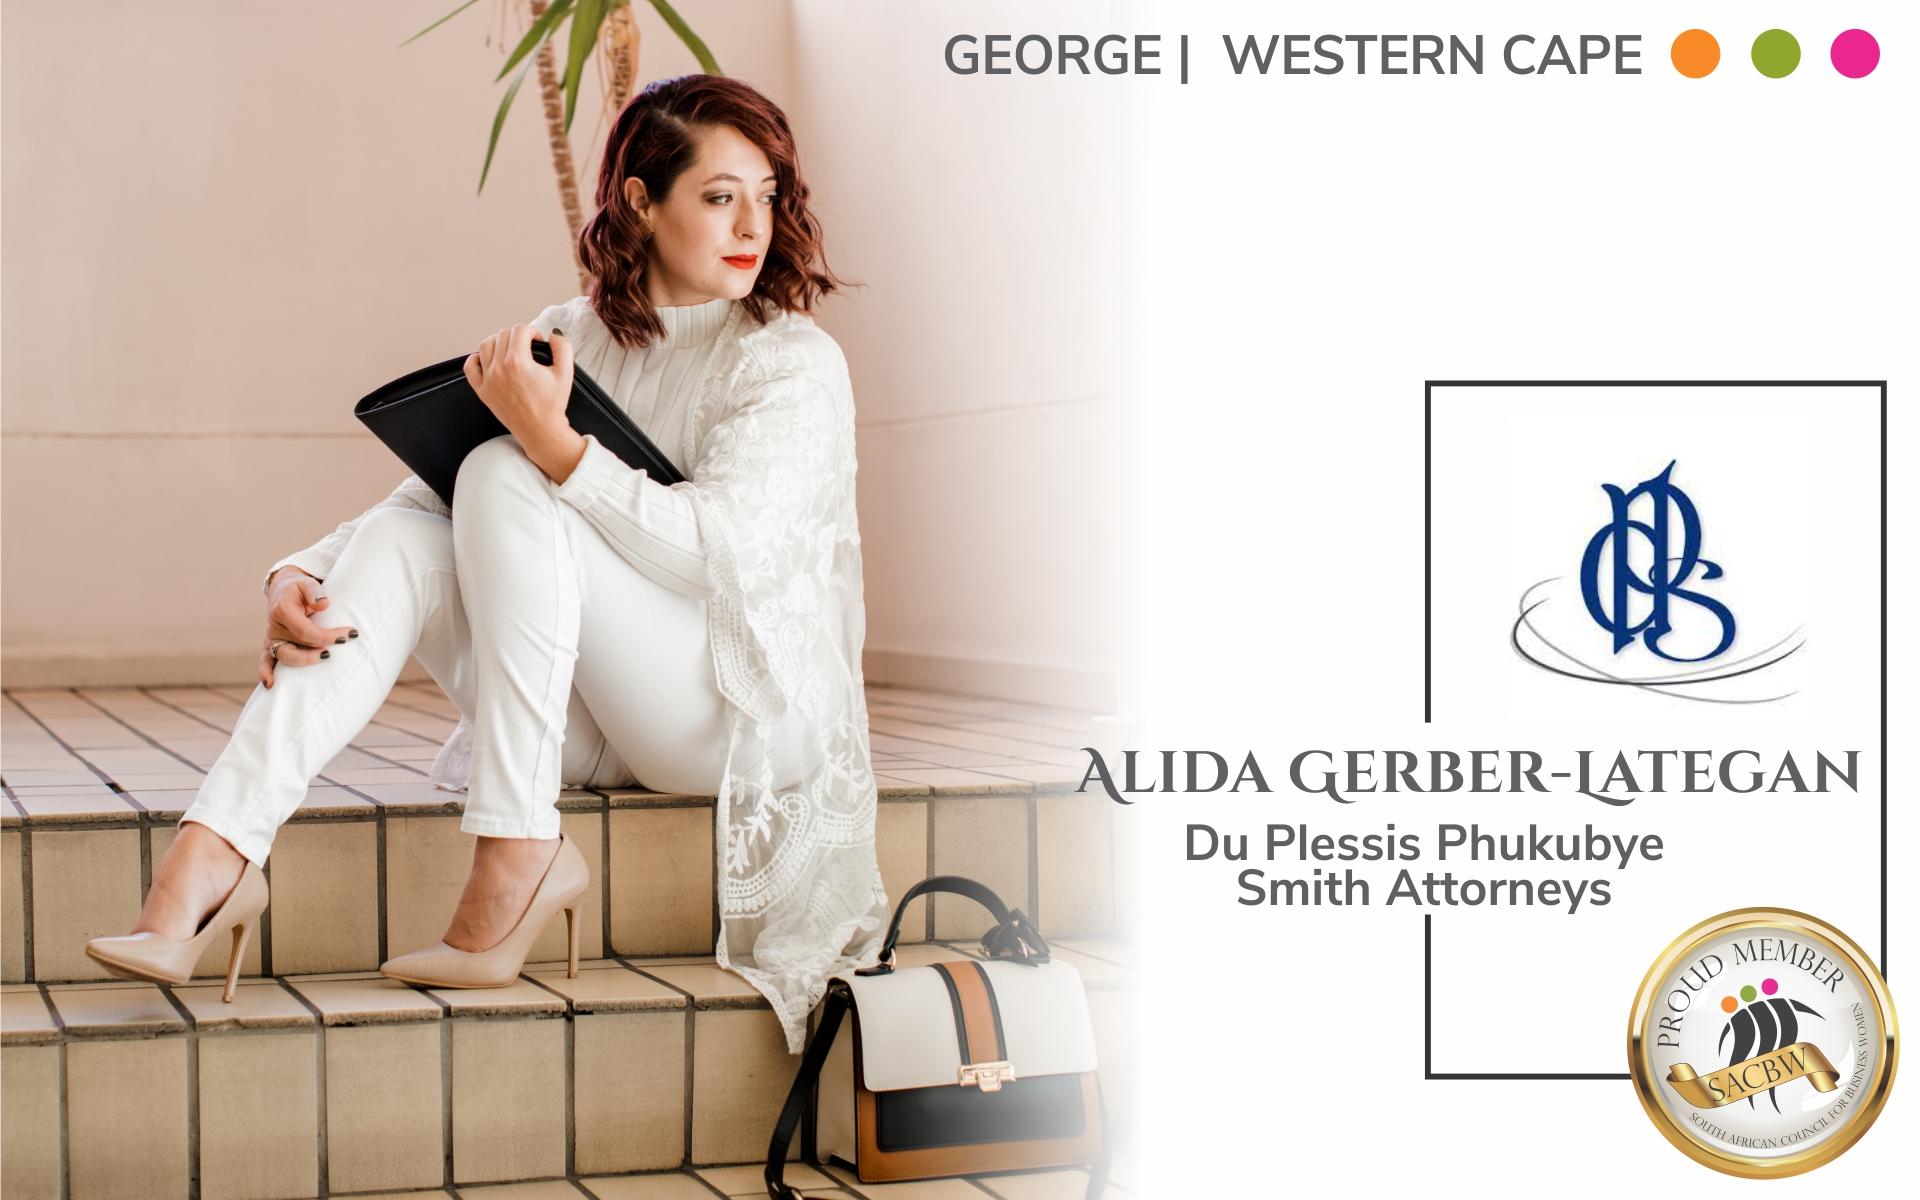 Member Feature for Alida Gerber Lategan